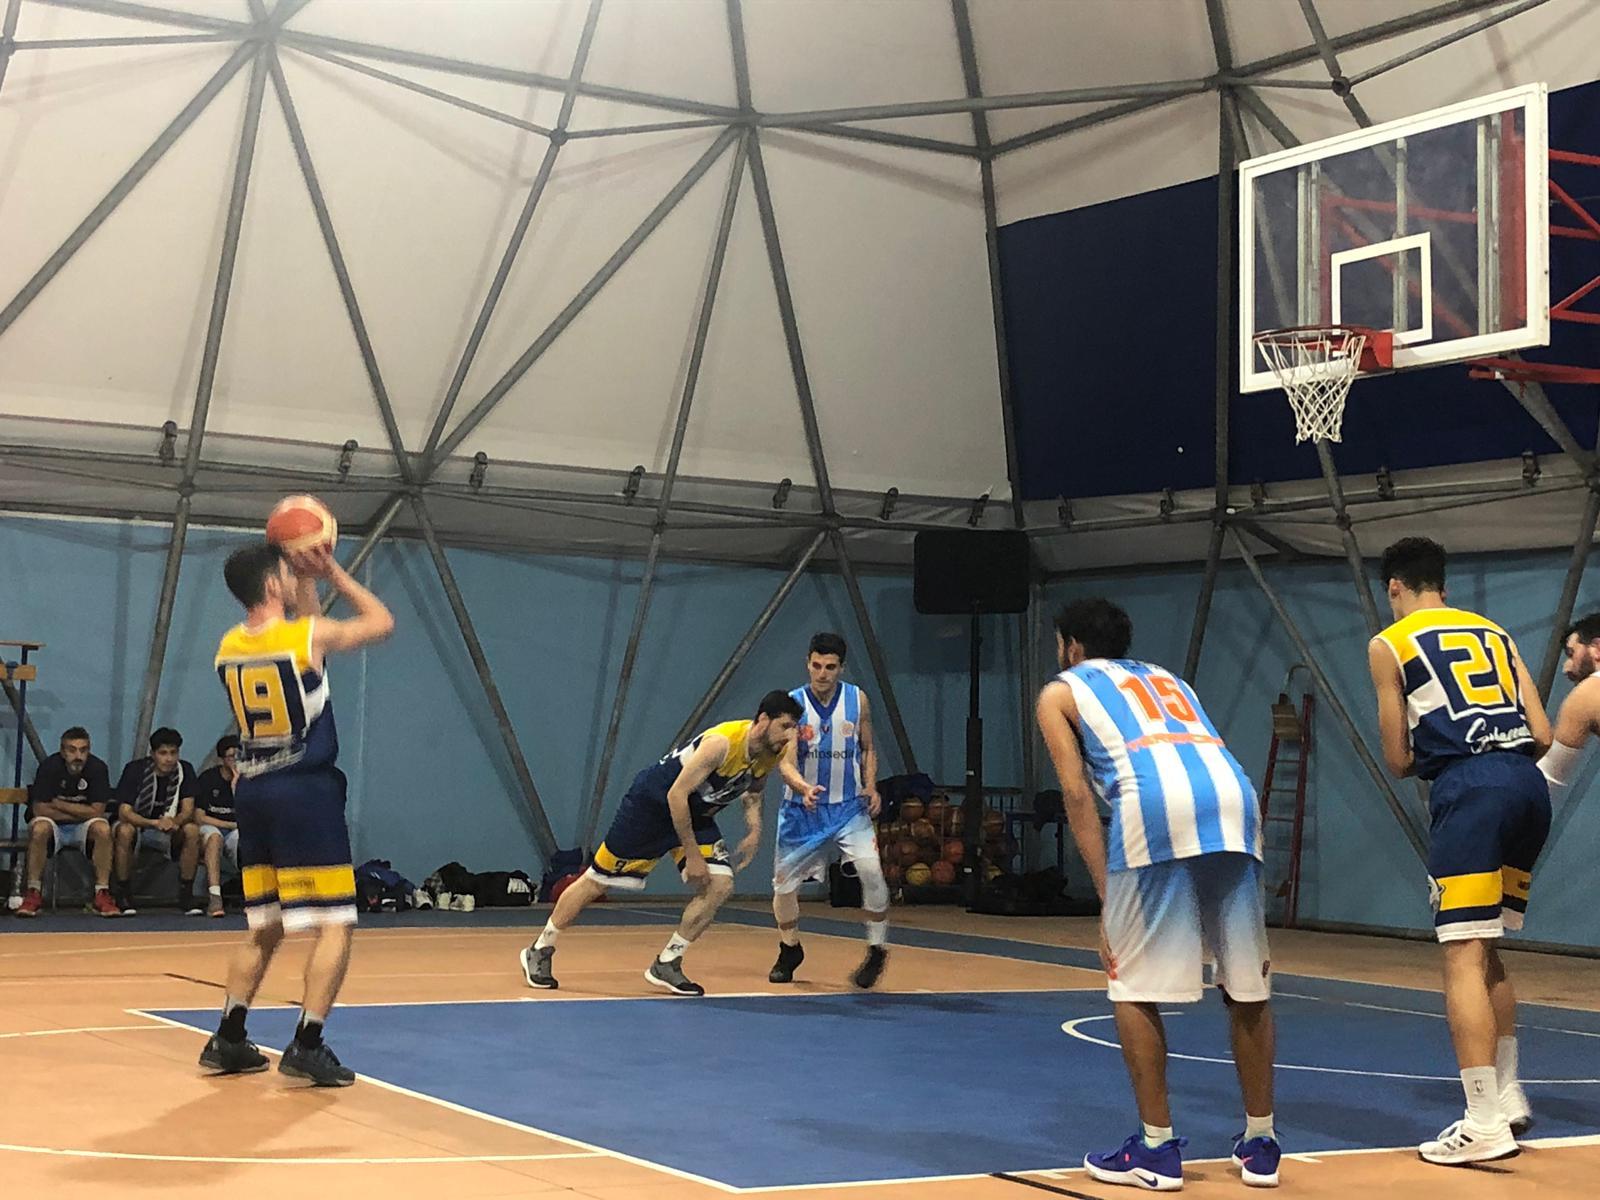 promozione-prosegue-la-marcia-del-basket-terracina-sconfitta-anche-la-lazio